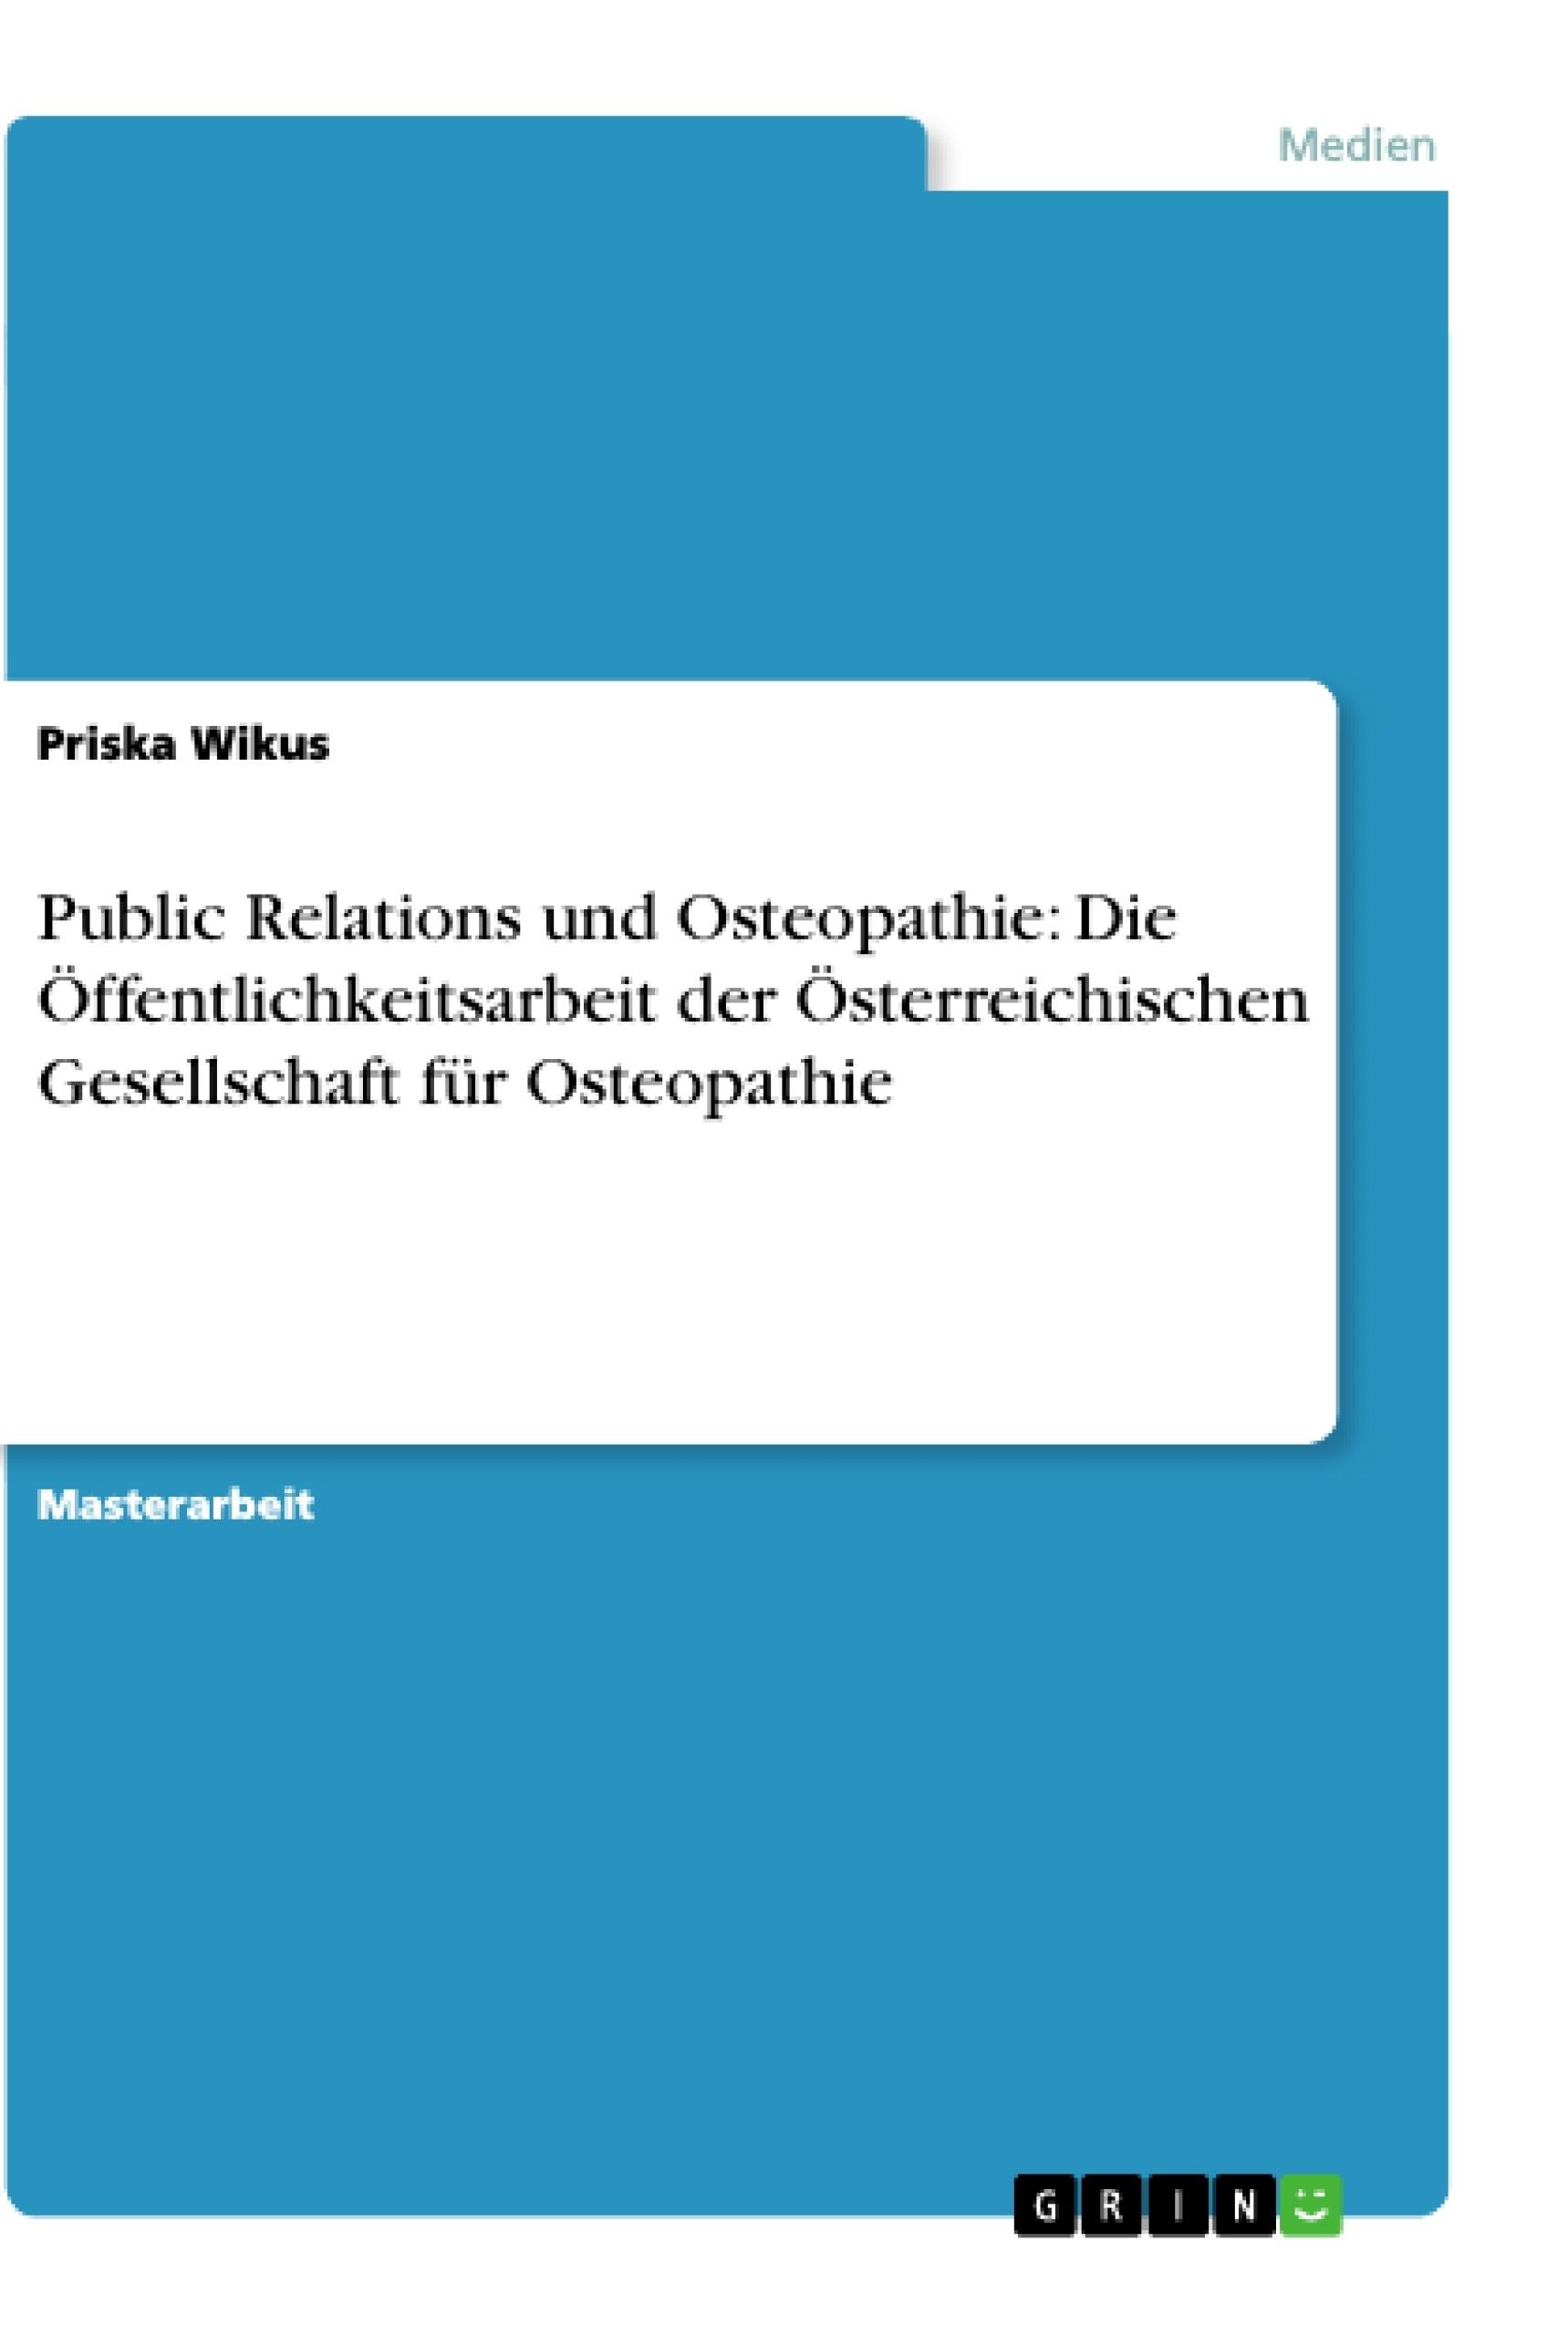 Titel: Public Relations und Osteopathie: Die Öffentlichkeitsarbeit der Österreichischen Gesellschaft für Osteopathie